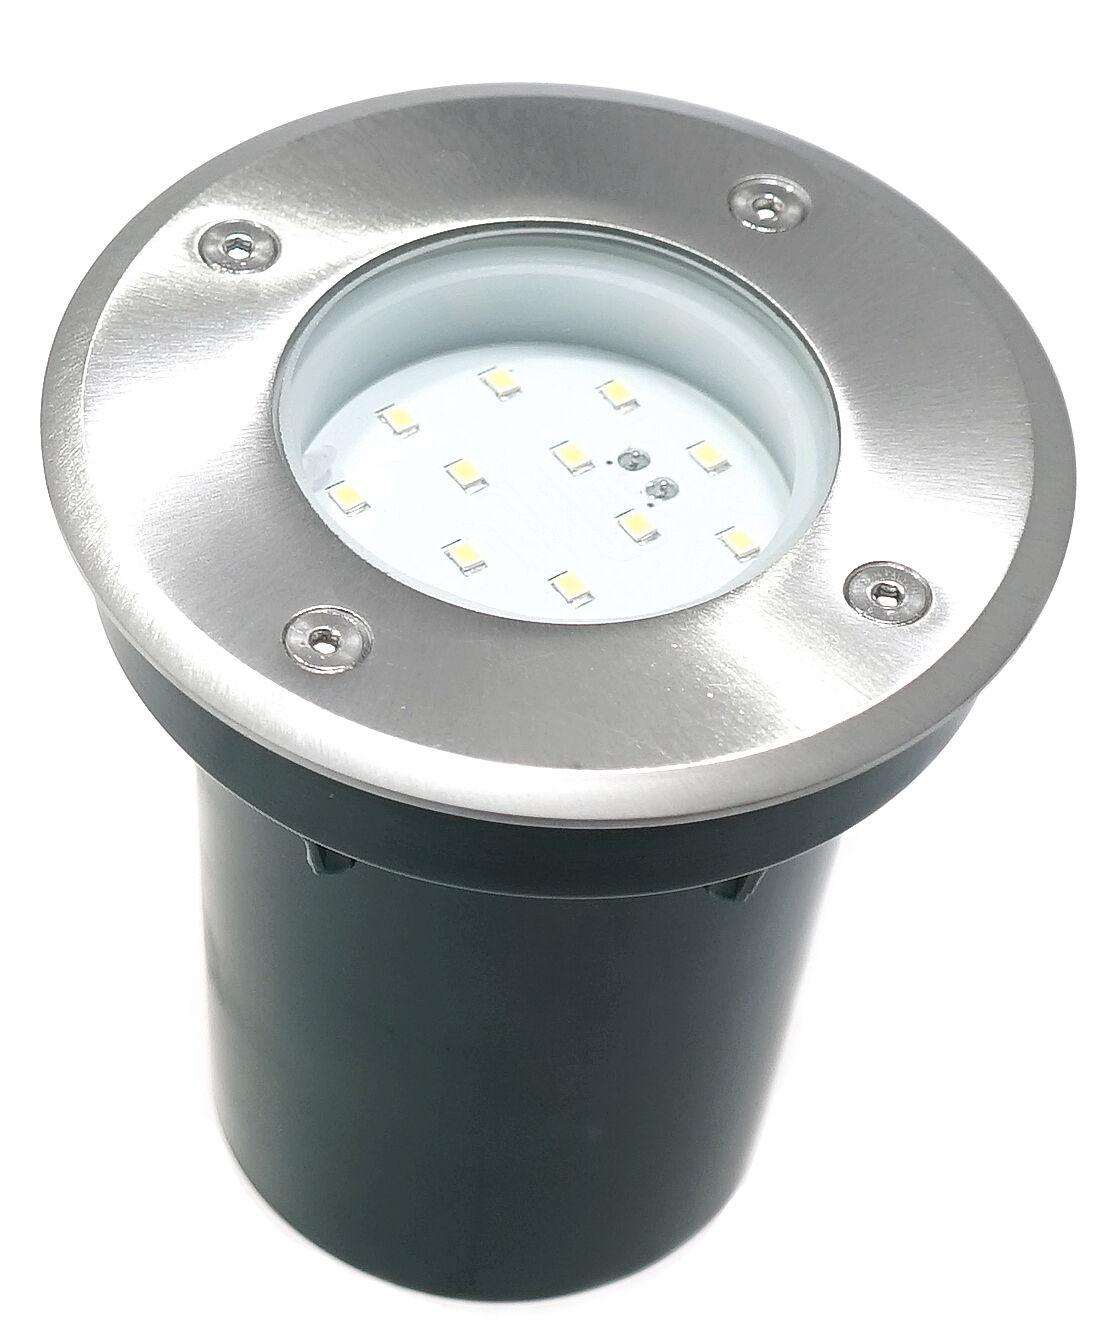 Begehbarer LED Bodeneinbaustrahler Gordo Gordo Gordo Aussenbereich 105 mm, IP67     | Angenehmes Gefühl  | Neue Produkte im Jahr 2019  | Outlet Online  fdfb83